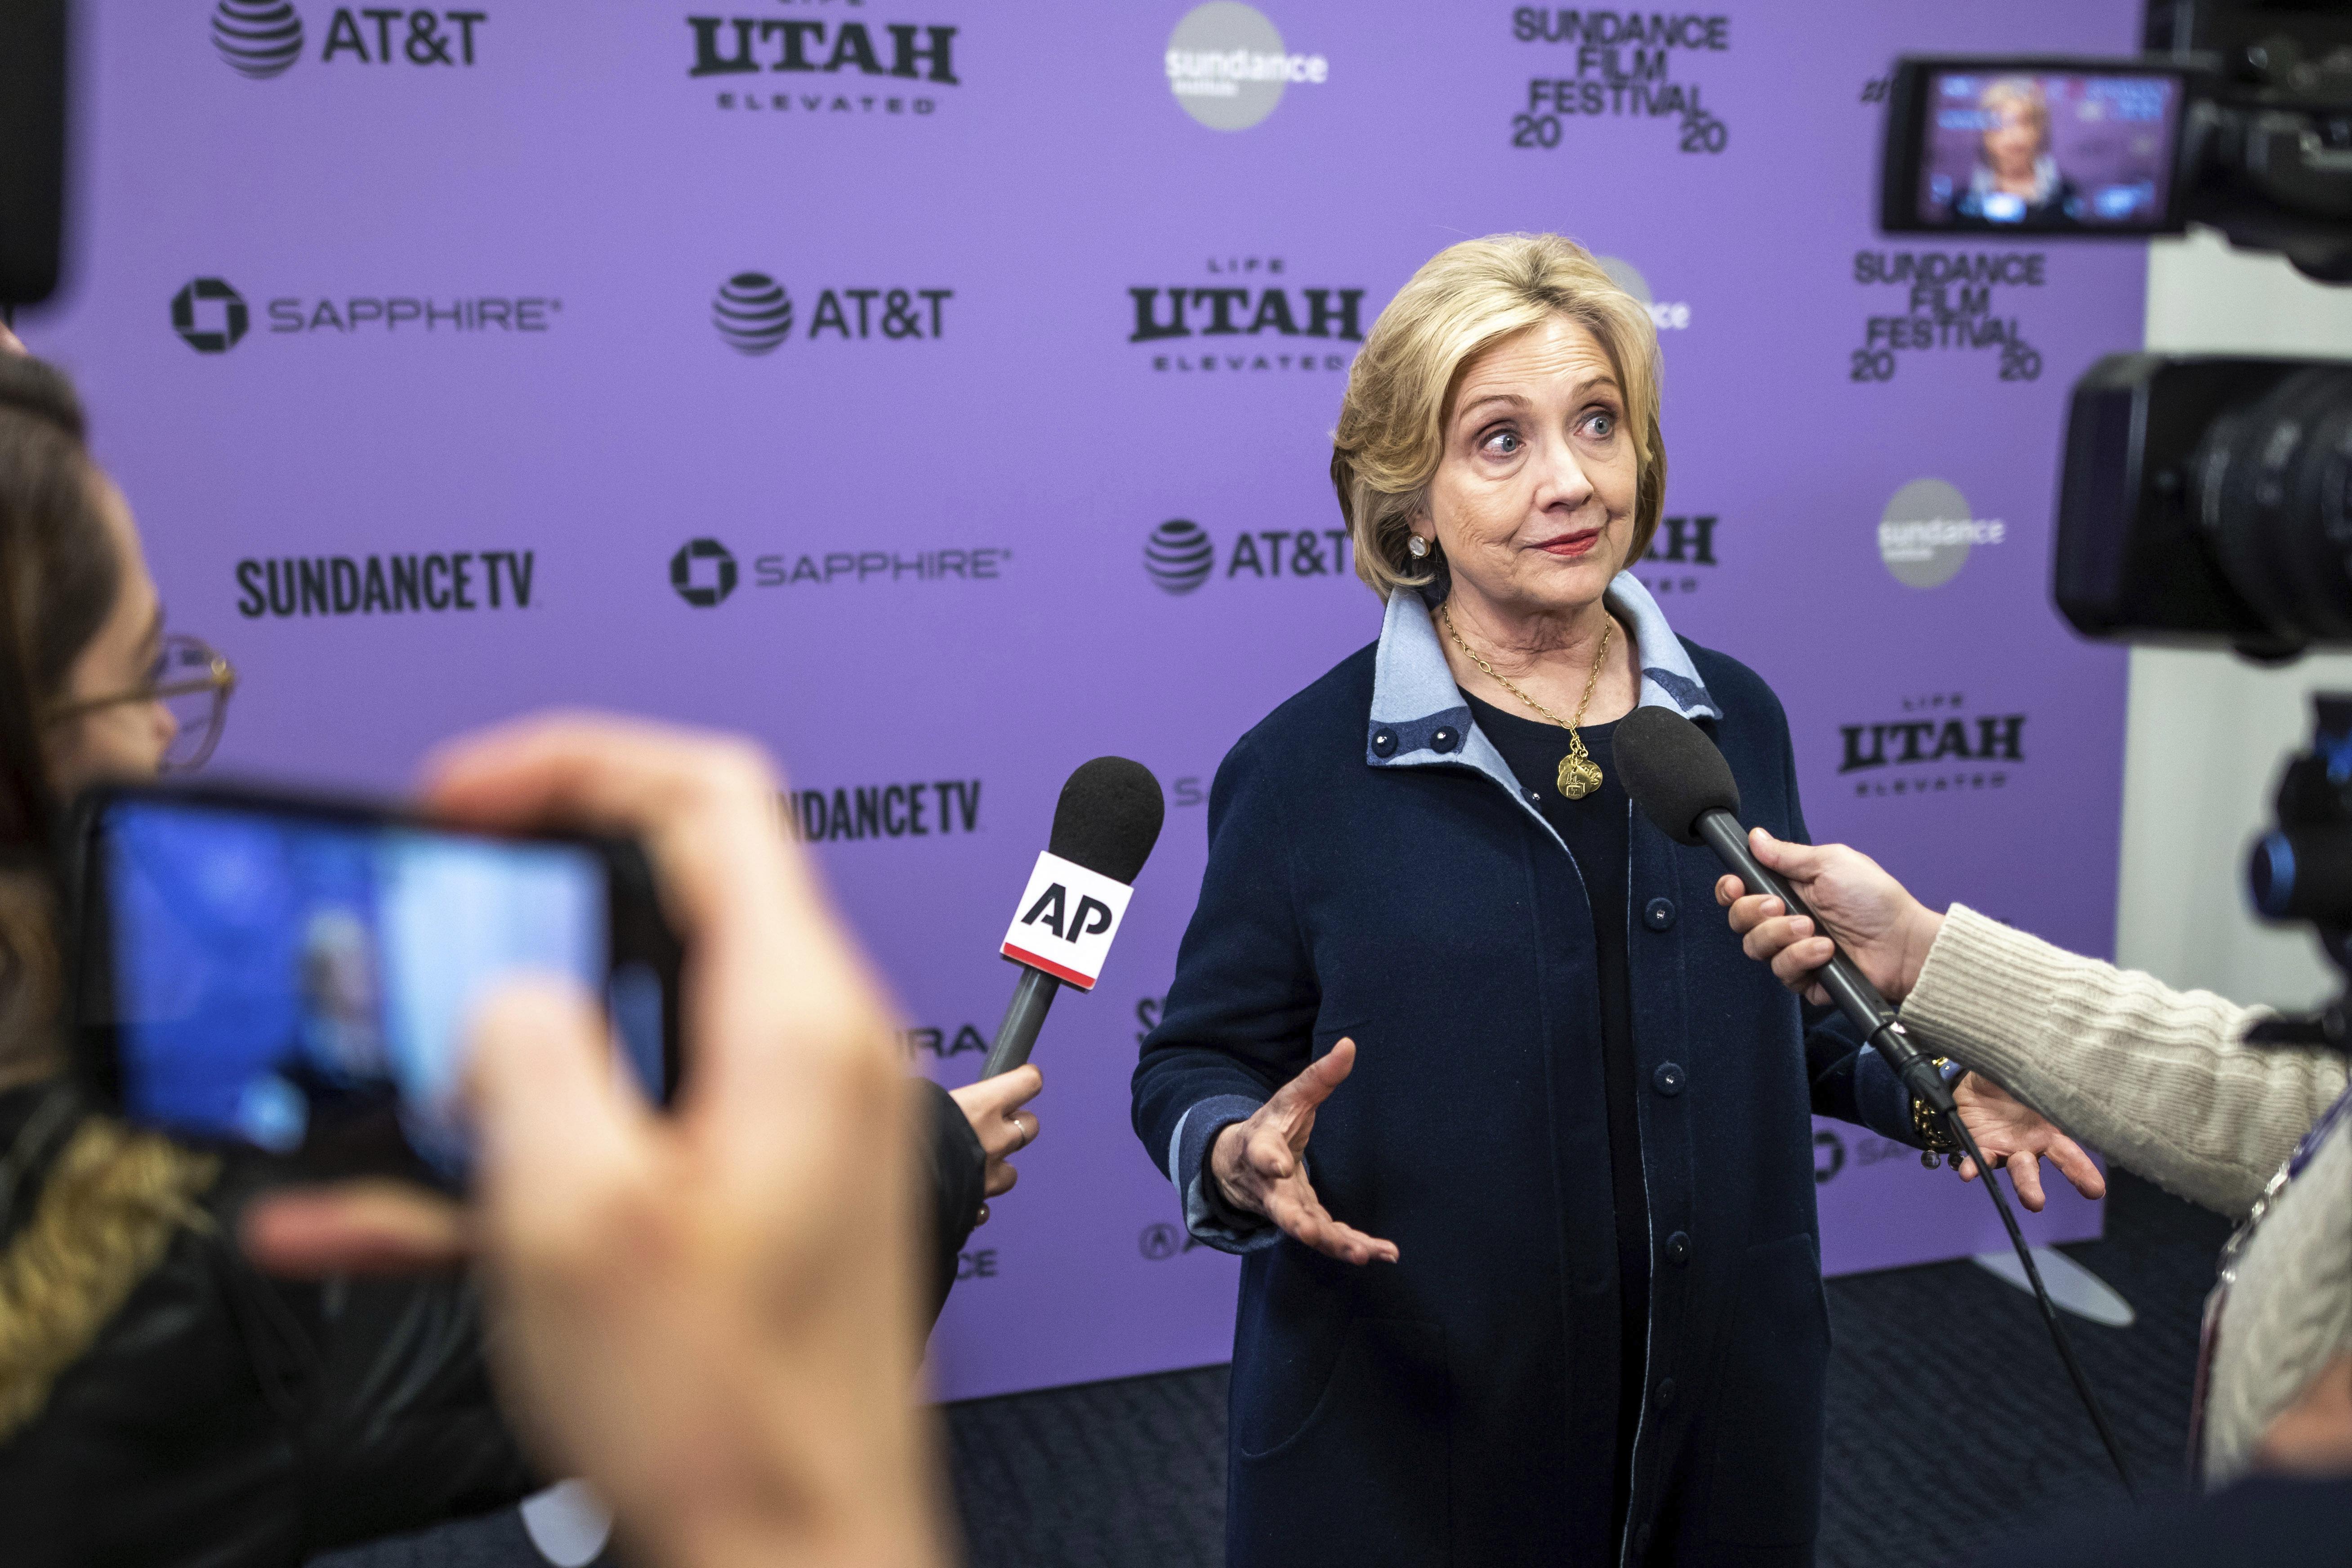 Hillary Clinton: 'I certainly feel the urge' to run against Trump again